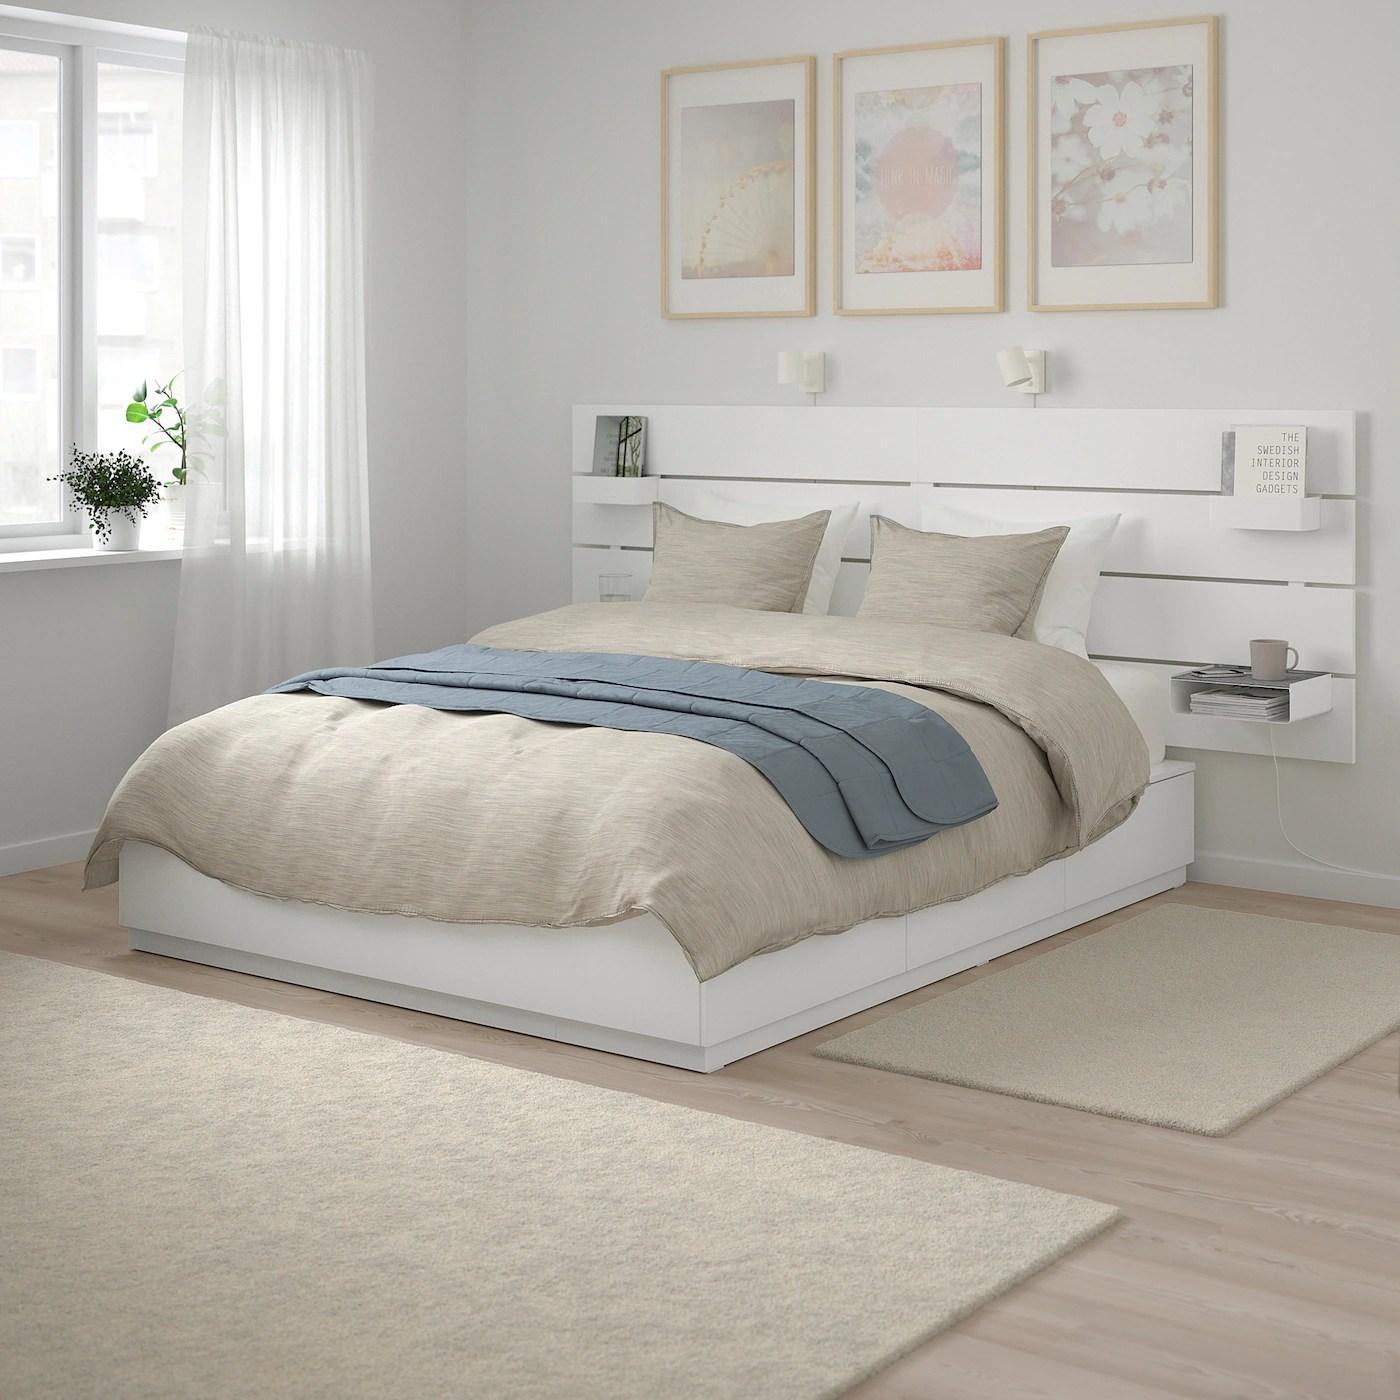 nordli cadre de lit rangement tete de lit blanc 160x200 cm